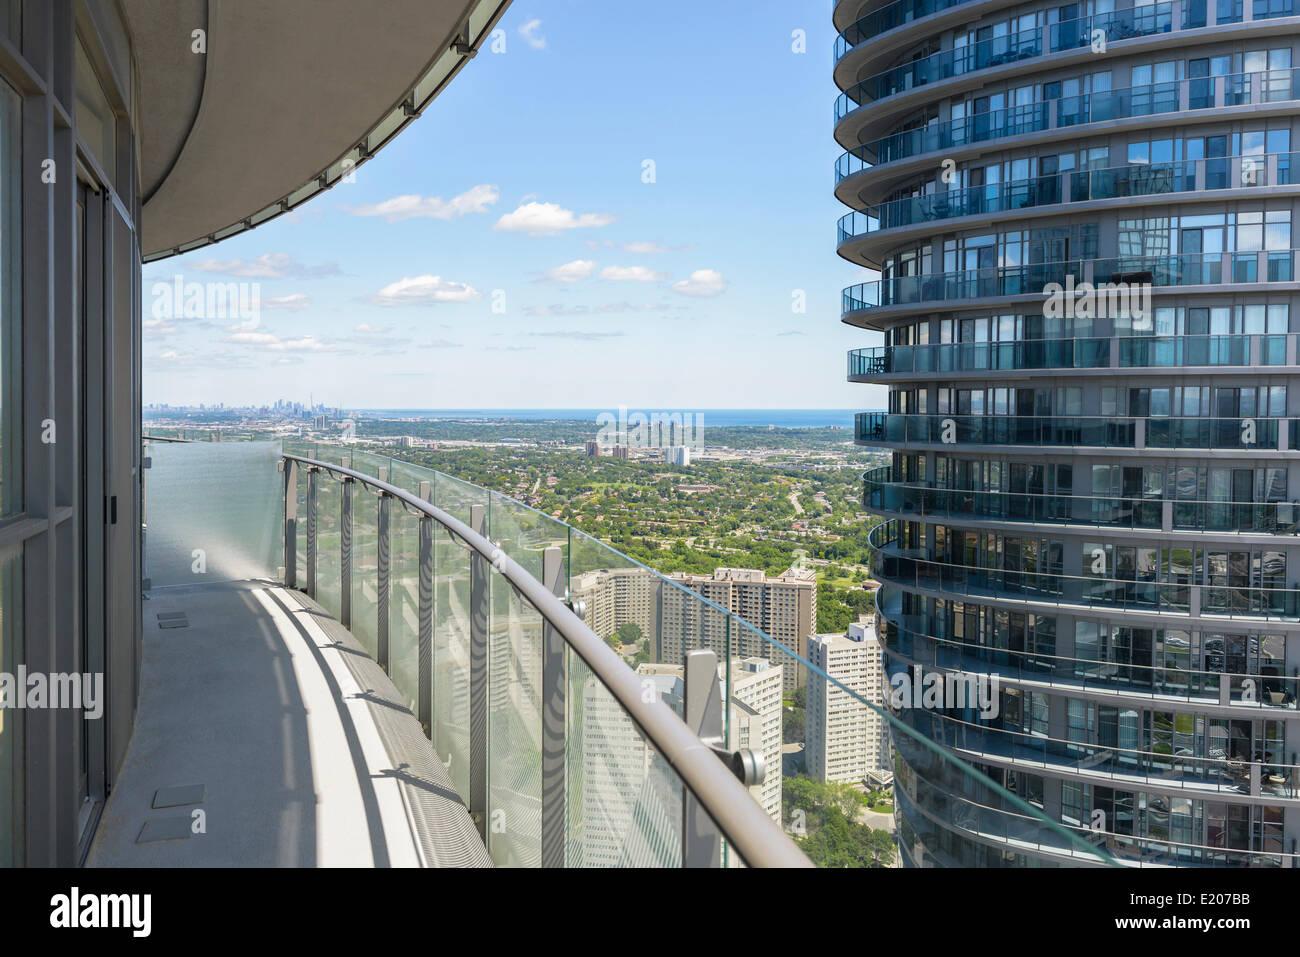 Torri di assoluto, Mississauga, Canada. Architetto: MAD Architects, 2012. Immagini Stock